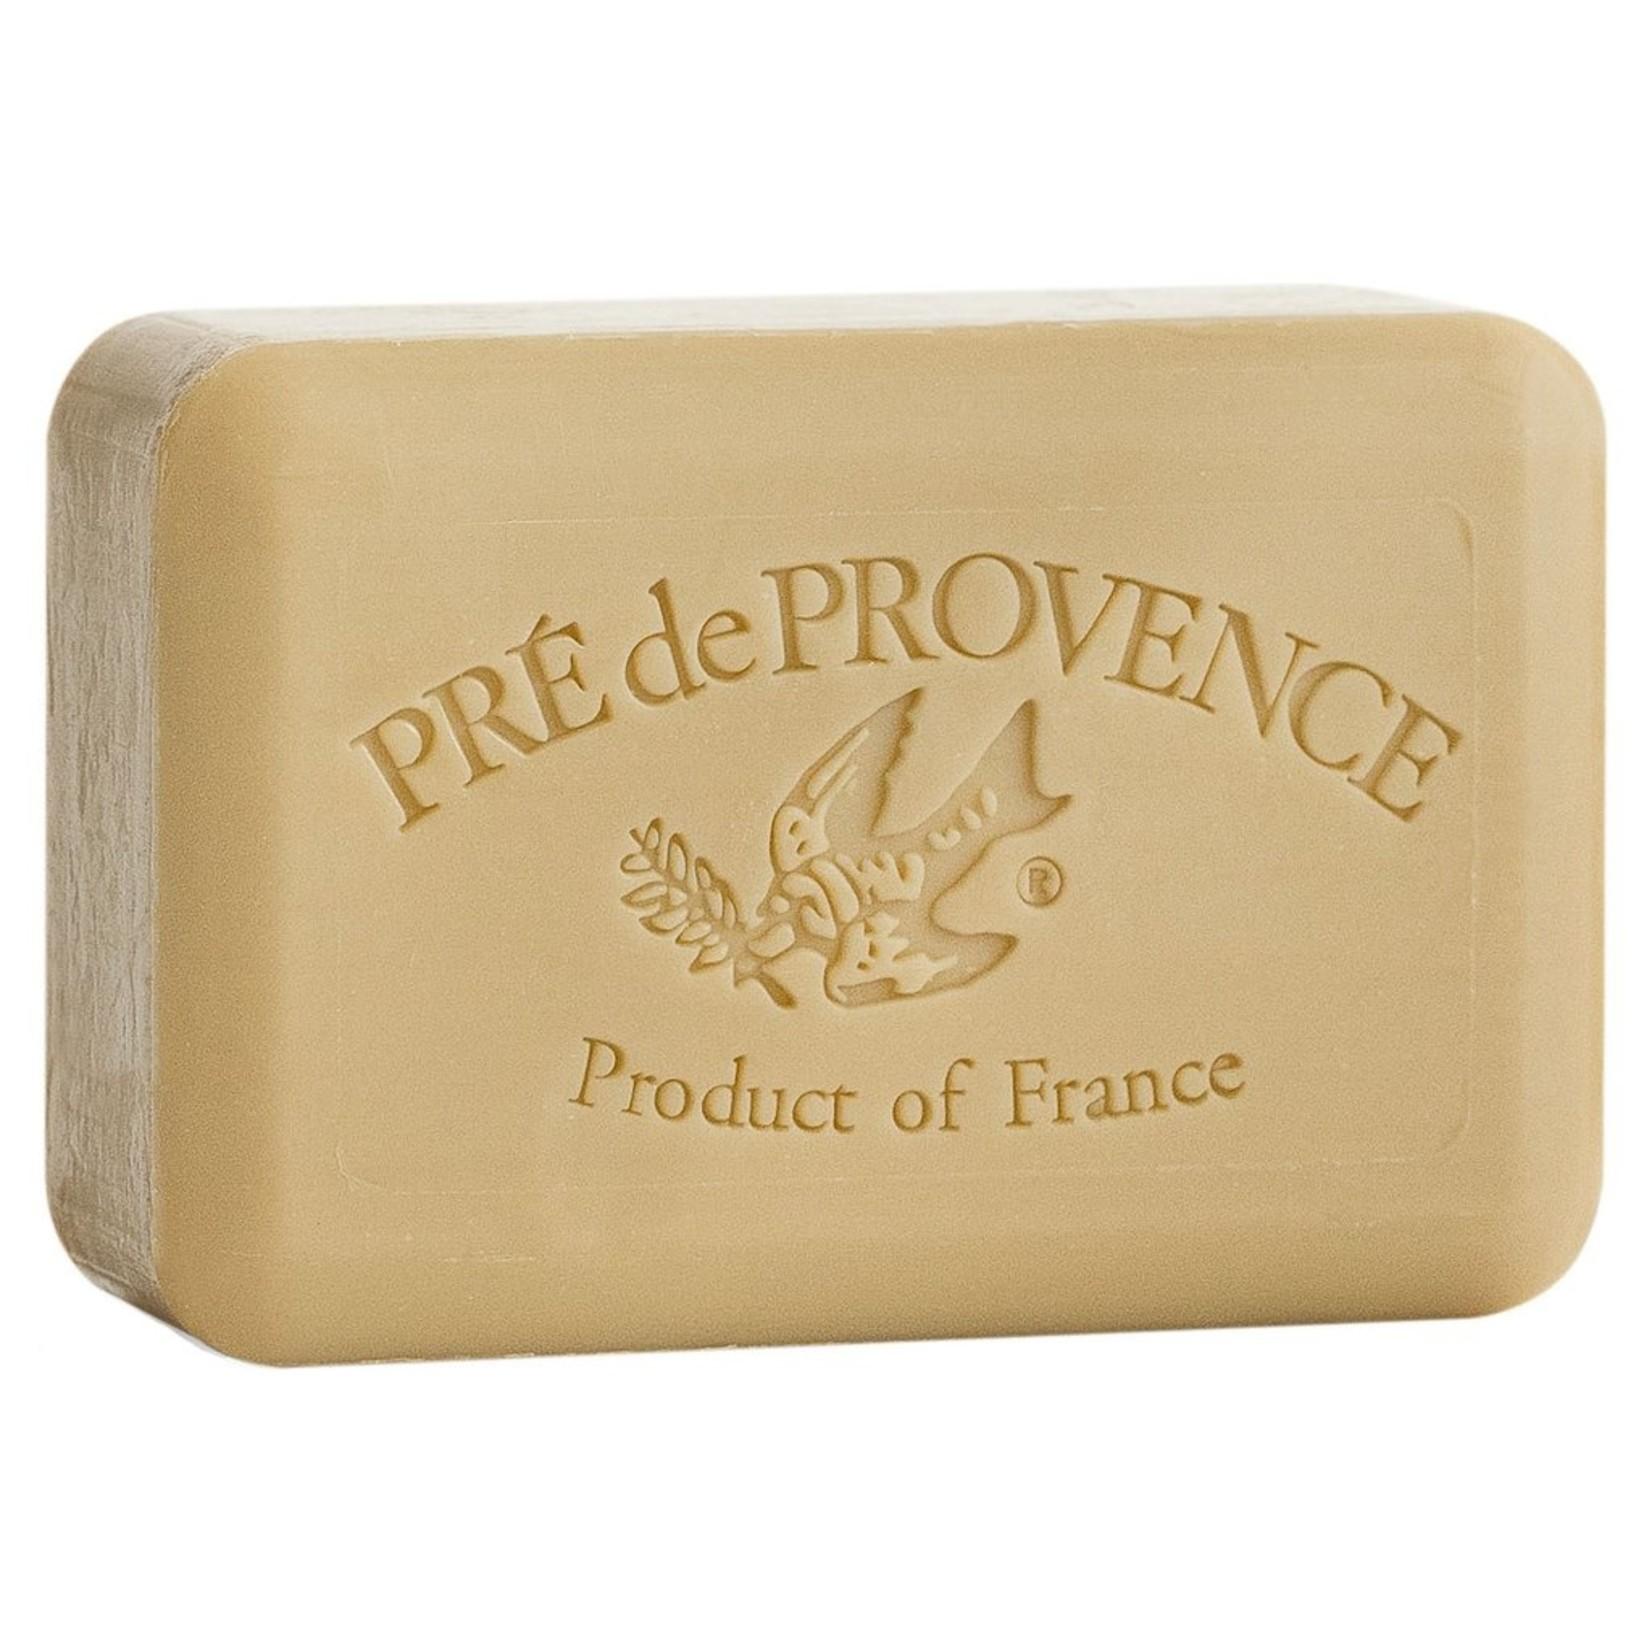 Pre de Provence Verbena Soap Bar